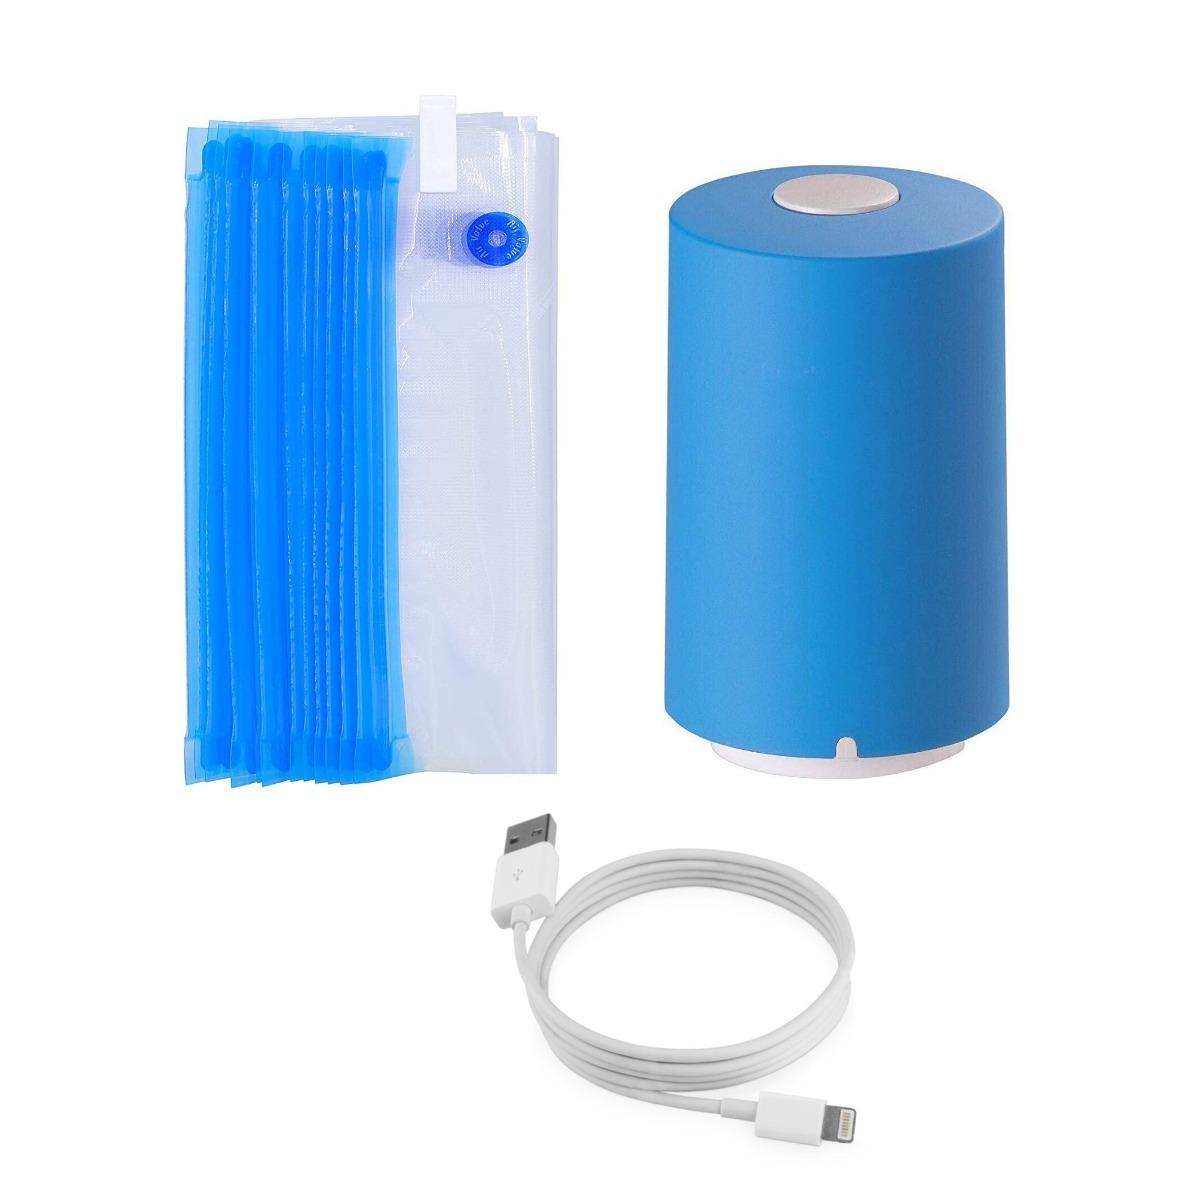 Multi-Purpose Cordless Mini Vacuum